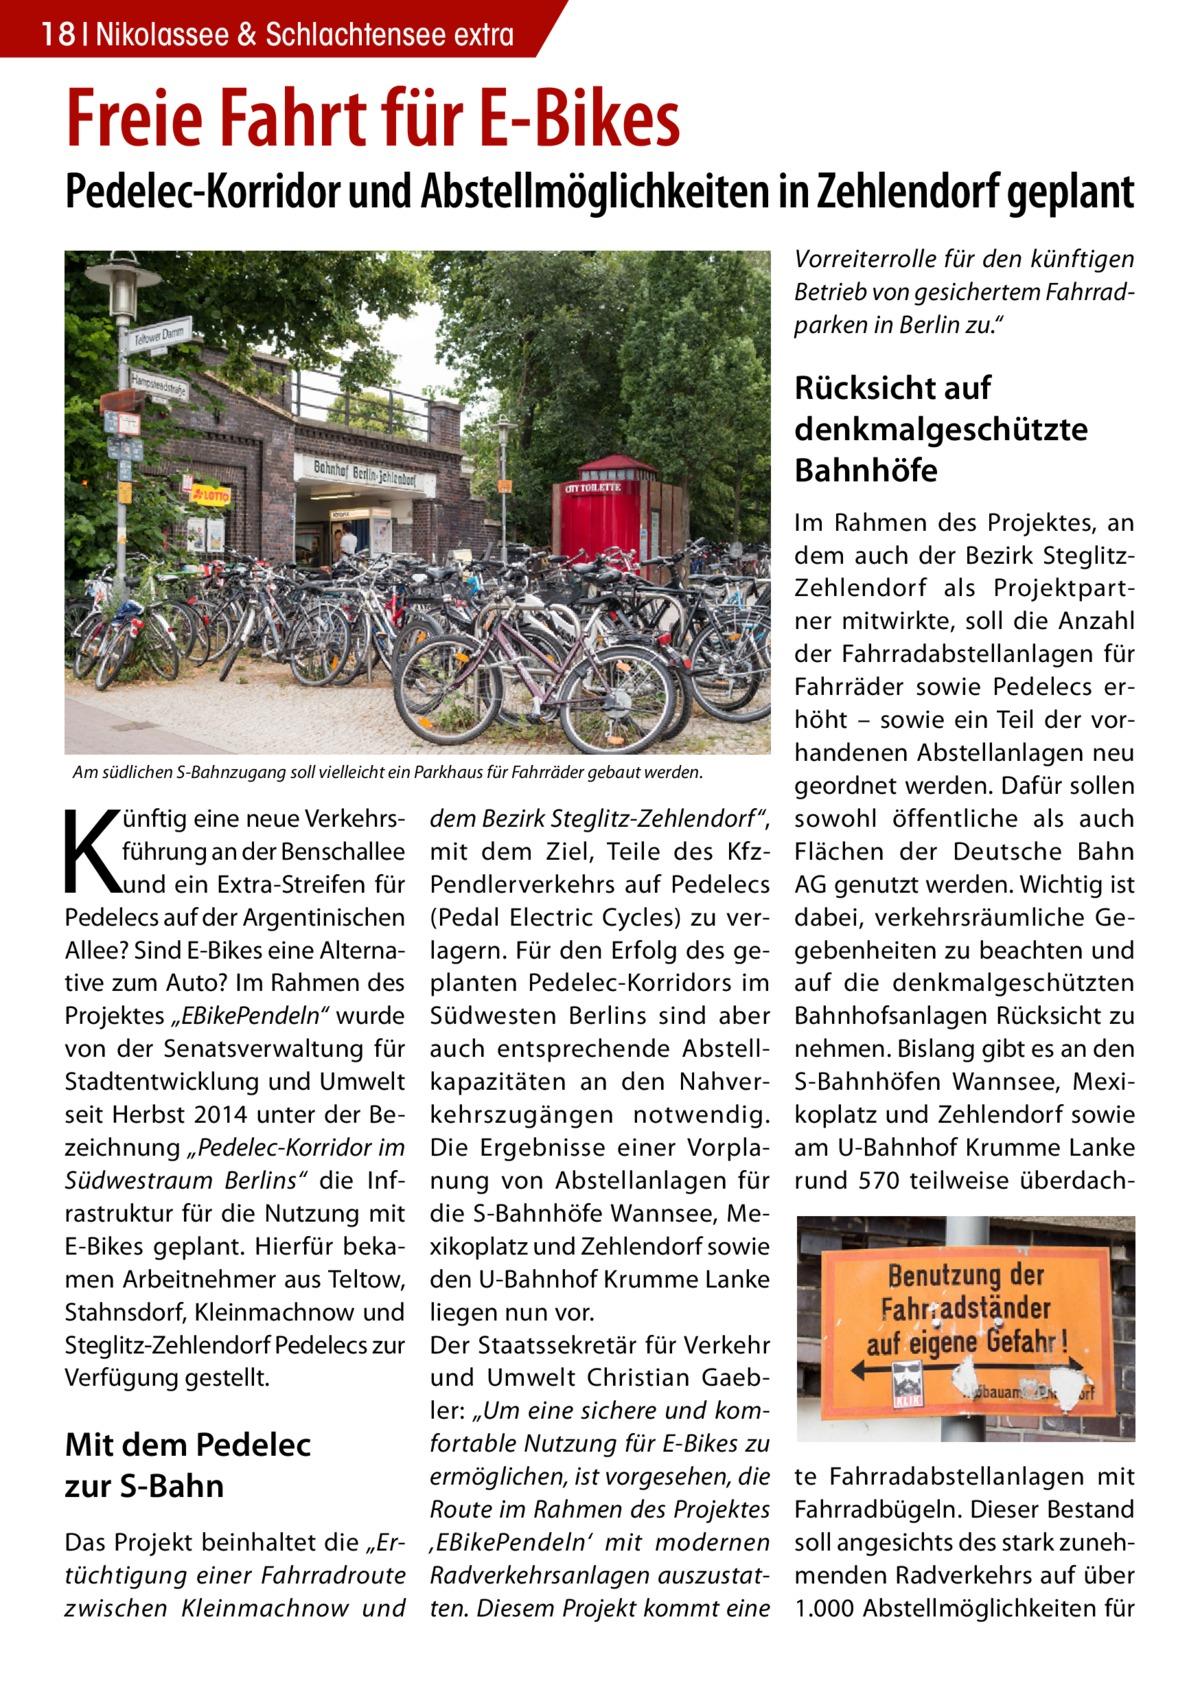 """18 Nikolassee & Schlachtensee extra  Freie Fahrt für E-Bikes  Pedelec-Korridor und Abstellmöglichkeiten in Zehlendorf geplant Vorreiterrolle für den künftigen Betrieb von gesichertem Fahrradparken in Berlin zu.""""  Rücksicht auf denkmalgeschützte Bahnhöfe  Am südlichen S-Bahnzugang soll vielleicht ein Parkhaus für Fahrräder gebaut werden.  K  dem Bezirk Steglitz-Zehlendorf"""", mit dem Ziel, Teile des KfzPendlerverkehrs auf Pedelecs (Pedal Electric Cycles) zu verlagern. Für den Erfolg des geplanten Pedelec-Korridors im Südwesten Berlins sind aber auch entsprechende Abstellkapazitäten an den Nahverkehrszugängen notwendig. Die Ergebnisse einer Vorplanung von Abstellanlagen für die S-Bahnhöfe Wannsee, Mexikoplatz und Zehlendorf sowie den U-Bahnhof Krumme Lanke liegen nun vor. Der Staatssekretär für Verkehr und Umwelt Christian Gaebler: """"Um eine sichere und komfortable Nutzung für E-Bikes zu Mit dem Pedelec ermöglichen, ist vorgesehen, die zur S-Bahn Route im Rahmen des Projektes Das Projekt beinhaltet die """"Er- 'EBikePendeln' mit modernen tüchtigung einer Fahrradroute Radverkehrsanlagen auszustatzwischen Kleinmachnow und ten. Diesem Projekt kommt eine ünftig eine neue Verkehrsführung an der Benschallee und ein Extra-Streifen für Pedelecs auf der Argentinischen Allee? Sind E-Bikes eine Alternative zum Auto? Im Rahmen des Projektes """"EBikePendeln"""" wurde von der Senatsverwaltung für Stadtentwicklung und Umwelt seit Herbst 2014 unter der Bezeichnung """"Pedelec-Korridor im Südwestraum Berlins"""" die Infrastruktur für die Nutzung mit E-Bikes geplant. Hierfür bekamen Arbeitnehmer aus Teltow, Stahnsdorf, Kleinmachnow und Steglitz-Zehlendorf Pedelecs zur Verfügung gestellt.  Im Rahmen des Projektes, an dem auch der Bezirk SteglitzZehlendorf als Projektpartner mitwirkte, soll die Anzahl der Fahrradabstellanlagen für Fahrräder sowie Pedelecs erhöht – sowie ein Teil der vorhandenen Abstellanlagen neu geordnet werden. Dafür sollen sowohl öffentliche als auch Flächen der Deutsche Bahn AG genut"""